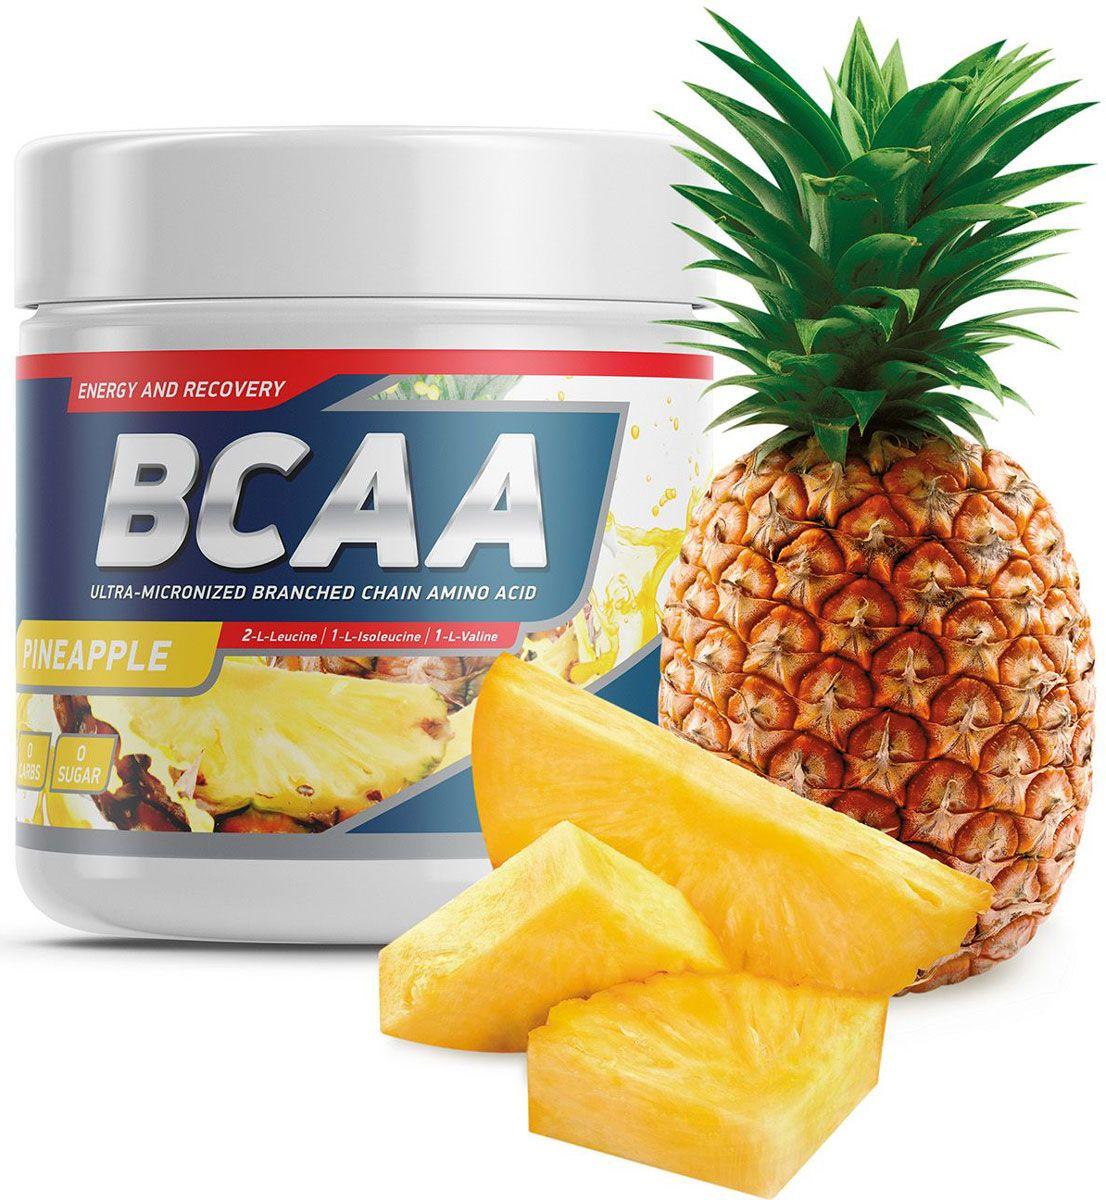 """Geneticlab """"BCAA 2:1:1"""" является высококачественной   спортивной пищевой добавкой, в состав которой входят   аминокислоты с разветвленными боковыми цепочками (BCAA),   в оптимальном соотношении 2:1:1. Препараты, содержащие   аминокислоты с разветвленными   боковыми цепочками, широко применяются атлетами,   особенно силовых видов спорта.BCAA обеспечит энергией, улучшит обмен веществ,   защитит мышцы от катаболизма и поможет избавиться от   лишнего жира. Ваши тренировки станут интенсивнее и   эффективнее.    Как повысить эффективность тренировок с помощью спортивного питания? Статья OZON Гид"""